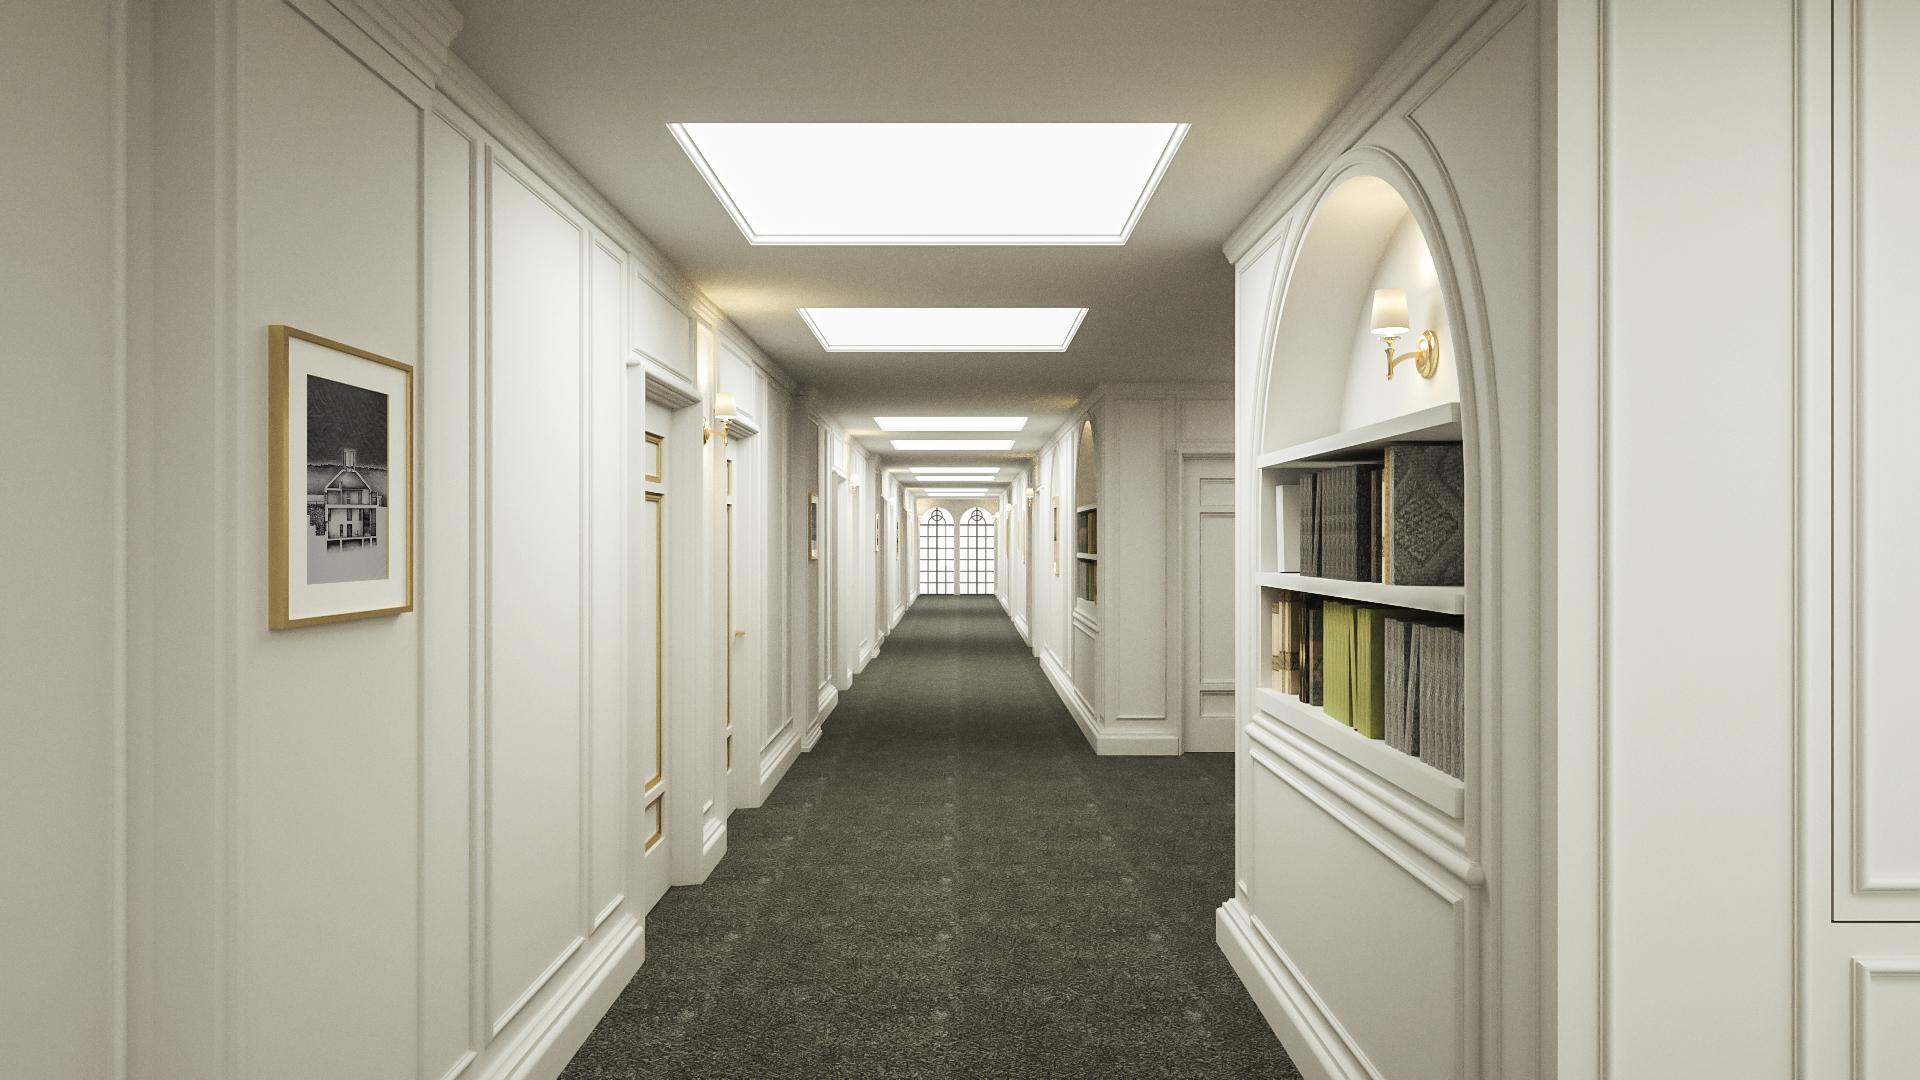 Corridor Hall